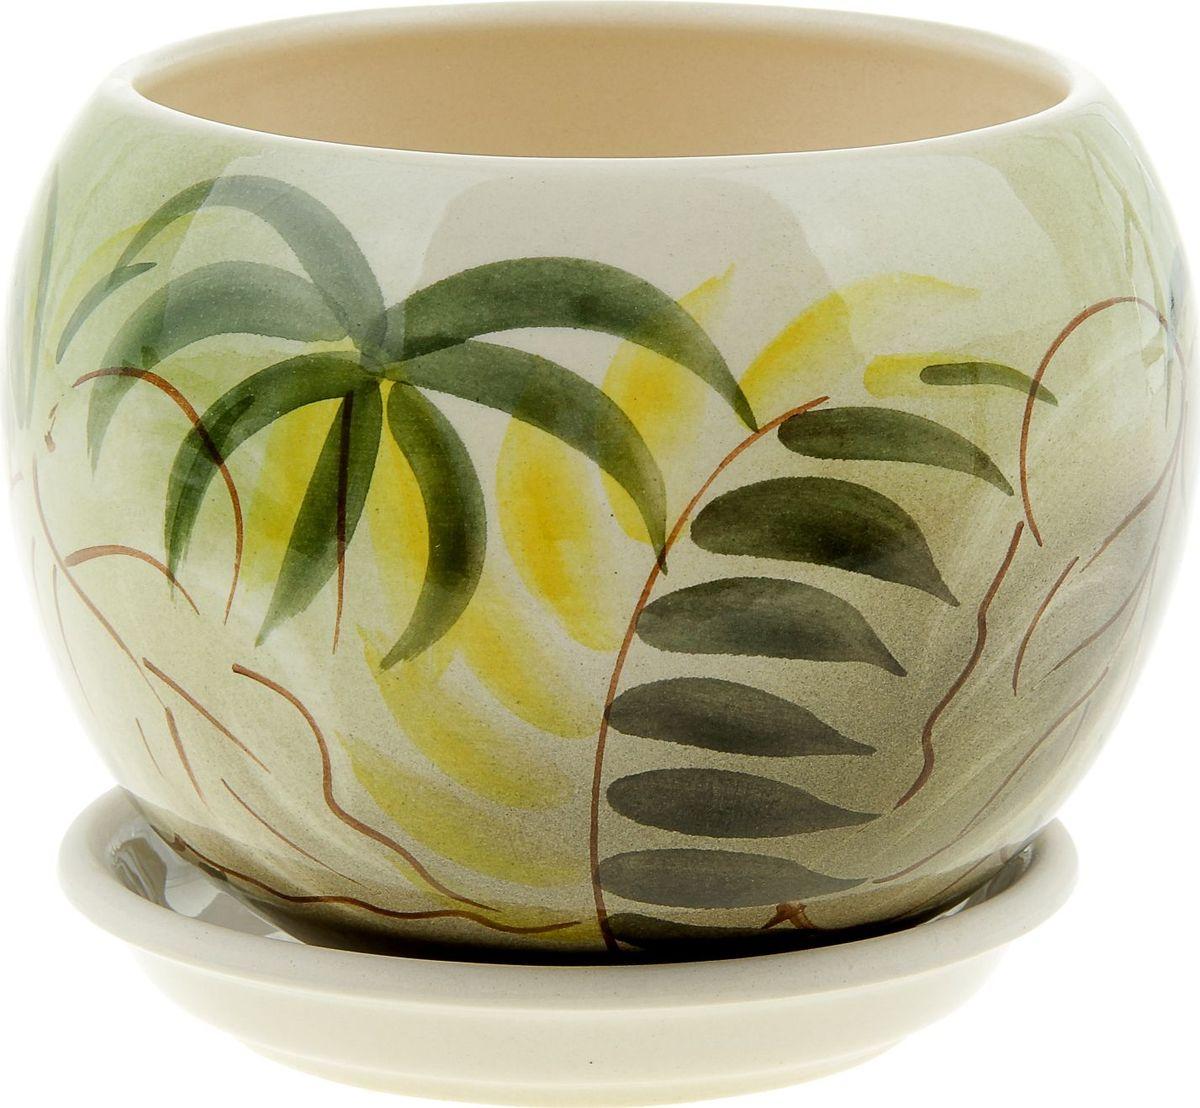 Кашпо Керамика ручной работы Шар. Баунти, 1,4 л835638Комнатные растения - всеобщие любимцы. Они радуют глаз, насыщают помещение кислородом и украшают пространство. Каждому из них необходим свой удобный и красивый дом. Кашпо из керамики прекрасно подходят для высадки растений:- пористый материал позволяет испаряться лишней влаге;- воздух, необходимый для дыхания корней, проникает сквозь керамические стенки. Кашпо Шар. Баунти позаботится о зеленом питомце, освежит интерьер и подчеркнет его стиль.